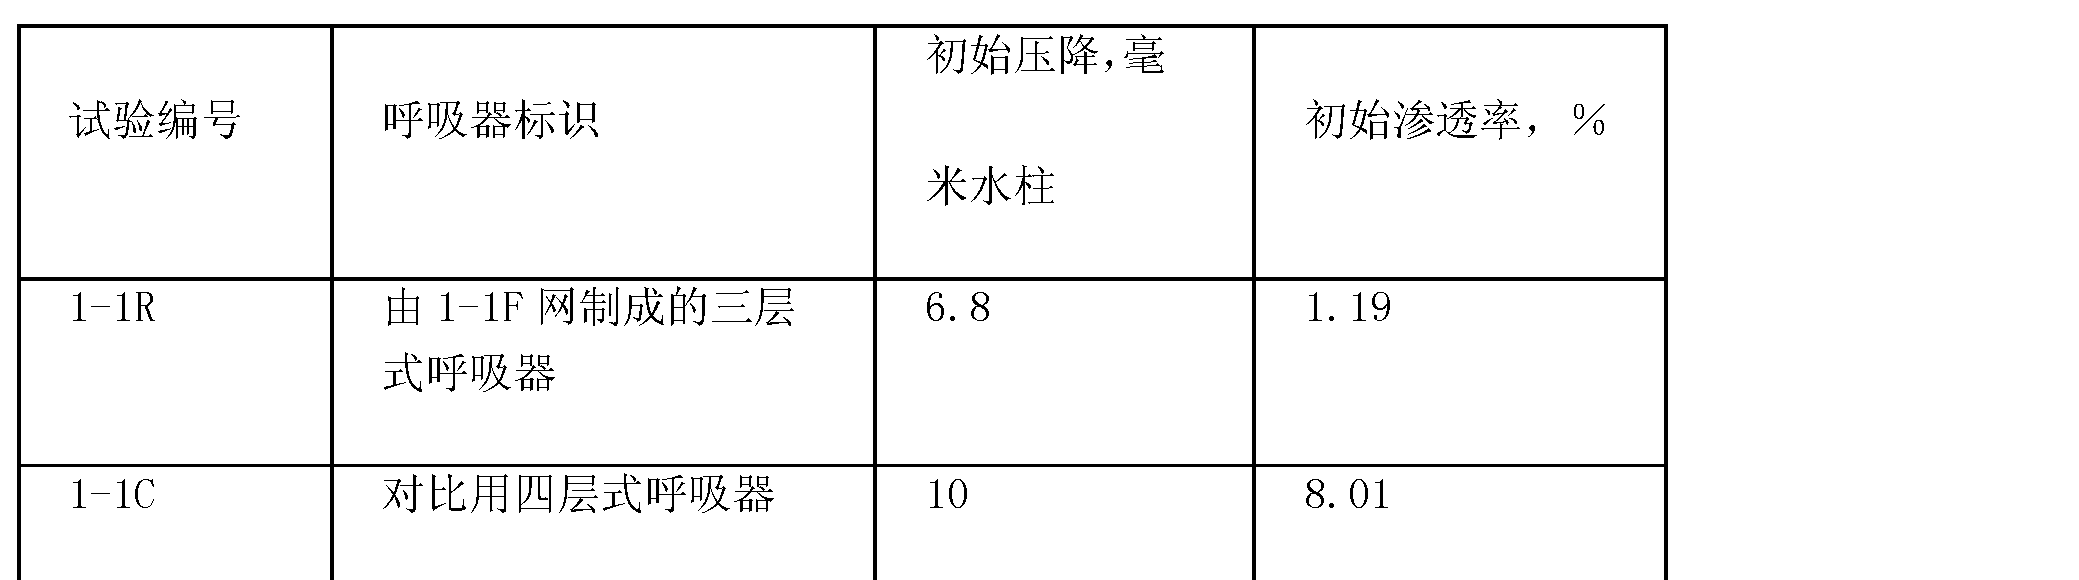 Figure CN101495189BD00212